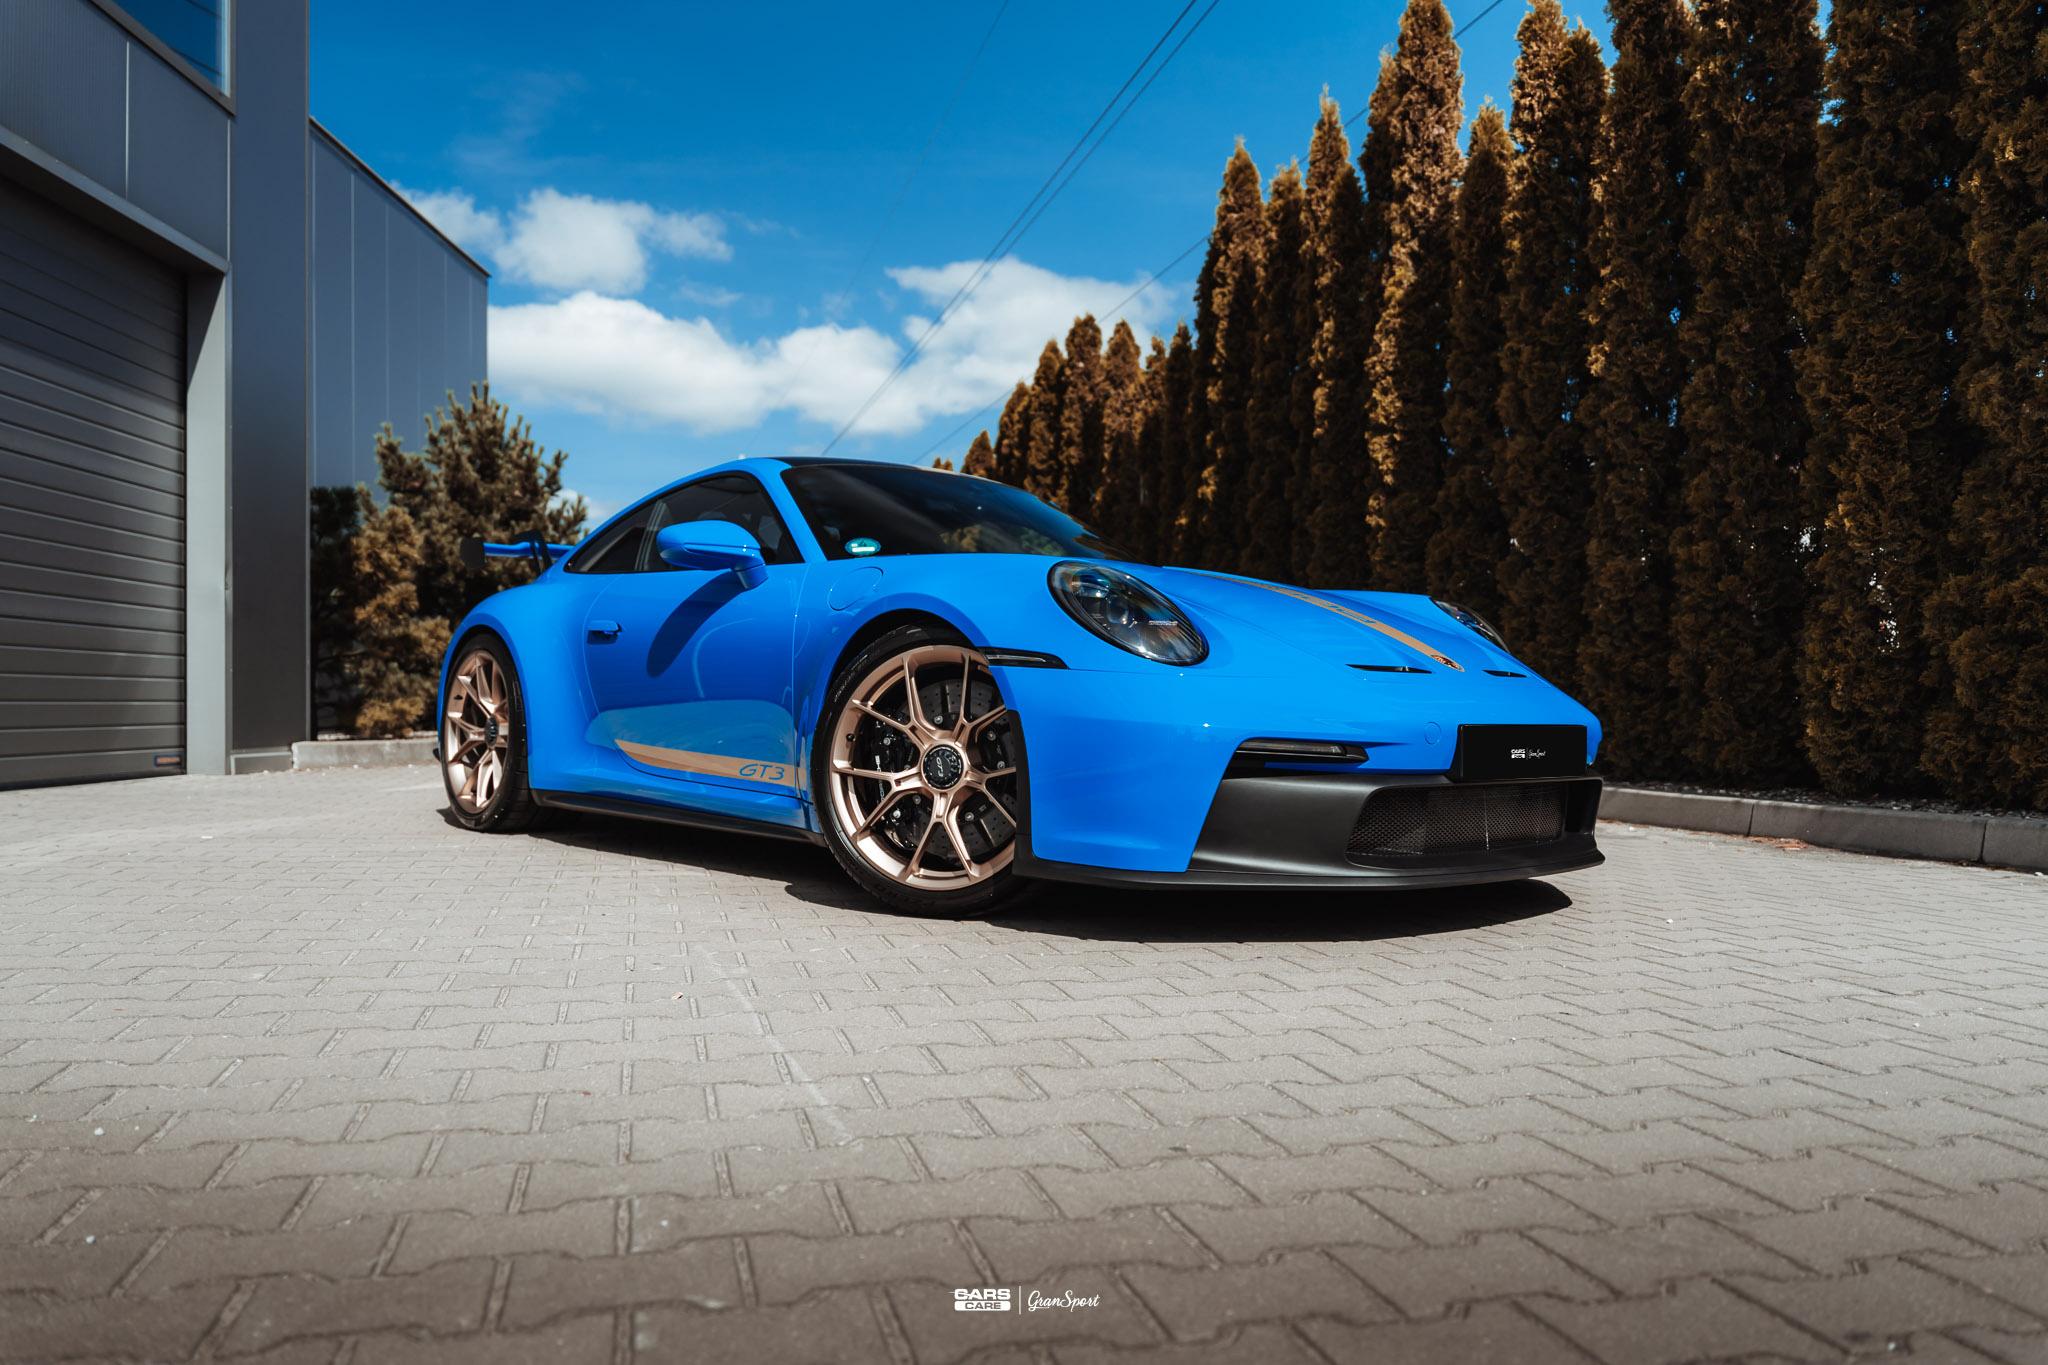 Porsche 911 992 GT3 - Zabezpieczenie auta bezbarwną folią ochronną - carscare.pl